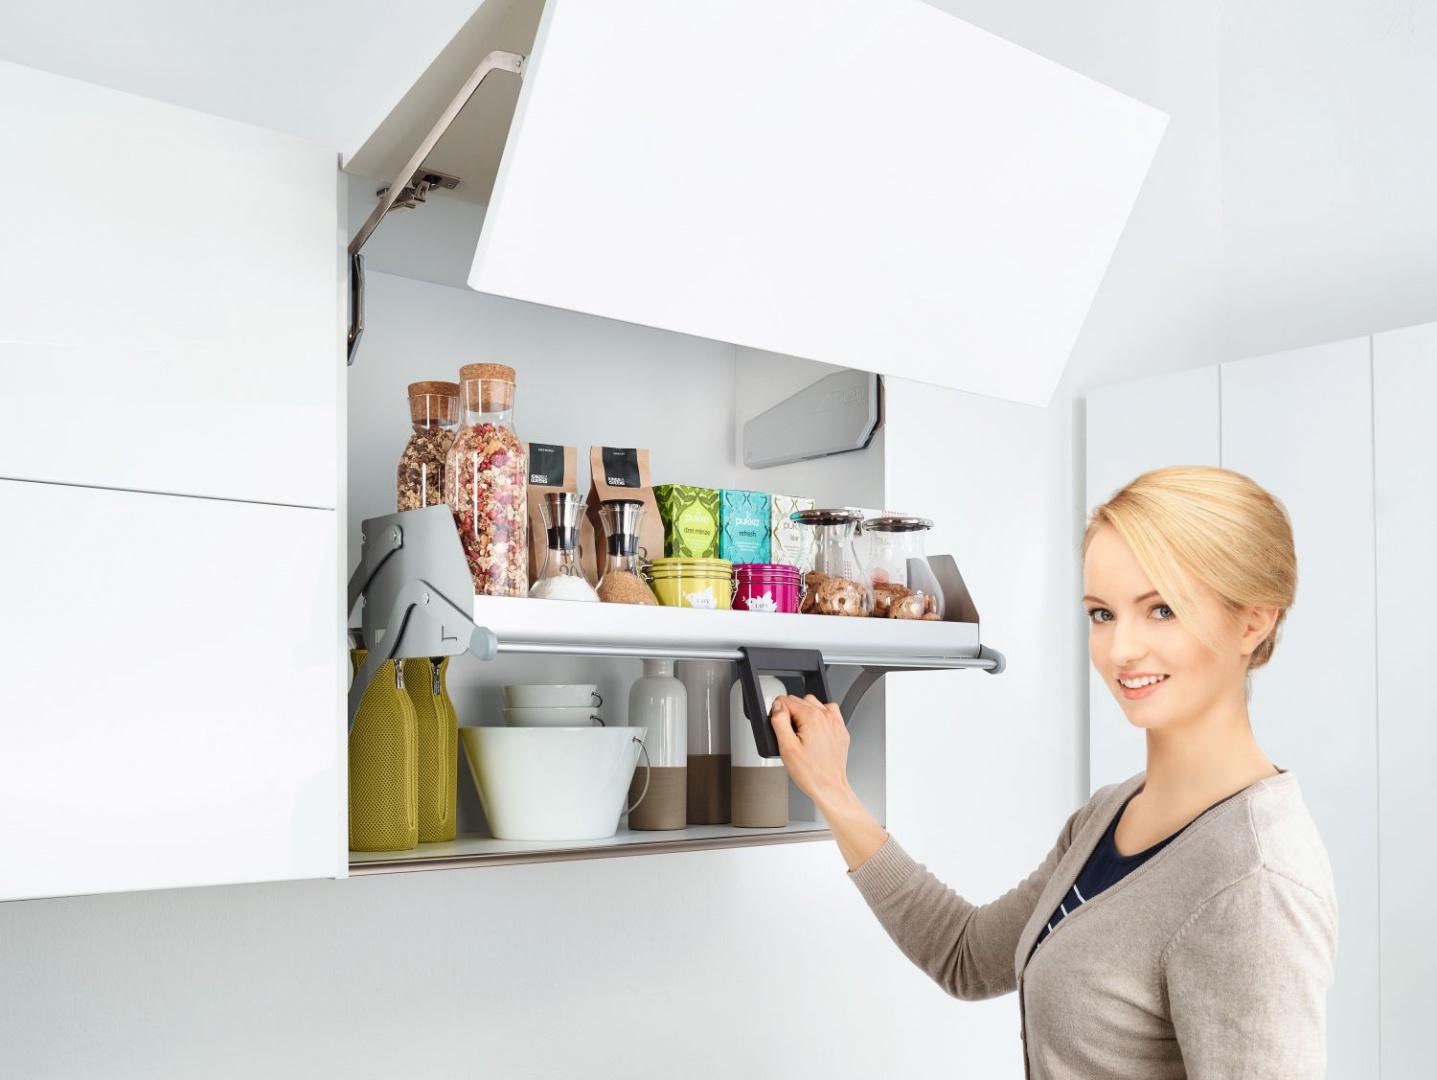 System  iMove dla szafek wiszących umożliwia łatwe, bezszelestne wysunięcie w dół i otwarcie zawartości na zewnątrz. Cięższe przedmioty przechowywane są na dolnym korpusie, lżejsze produkty na wyższych półkach ruchomych. Fot. Peka